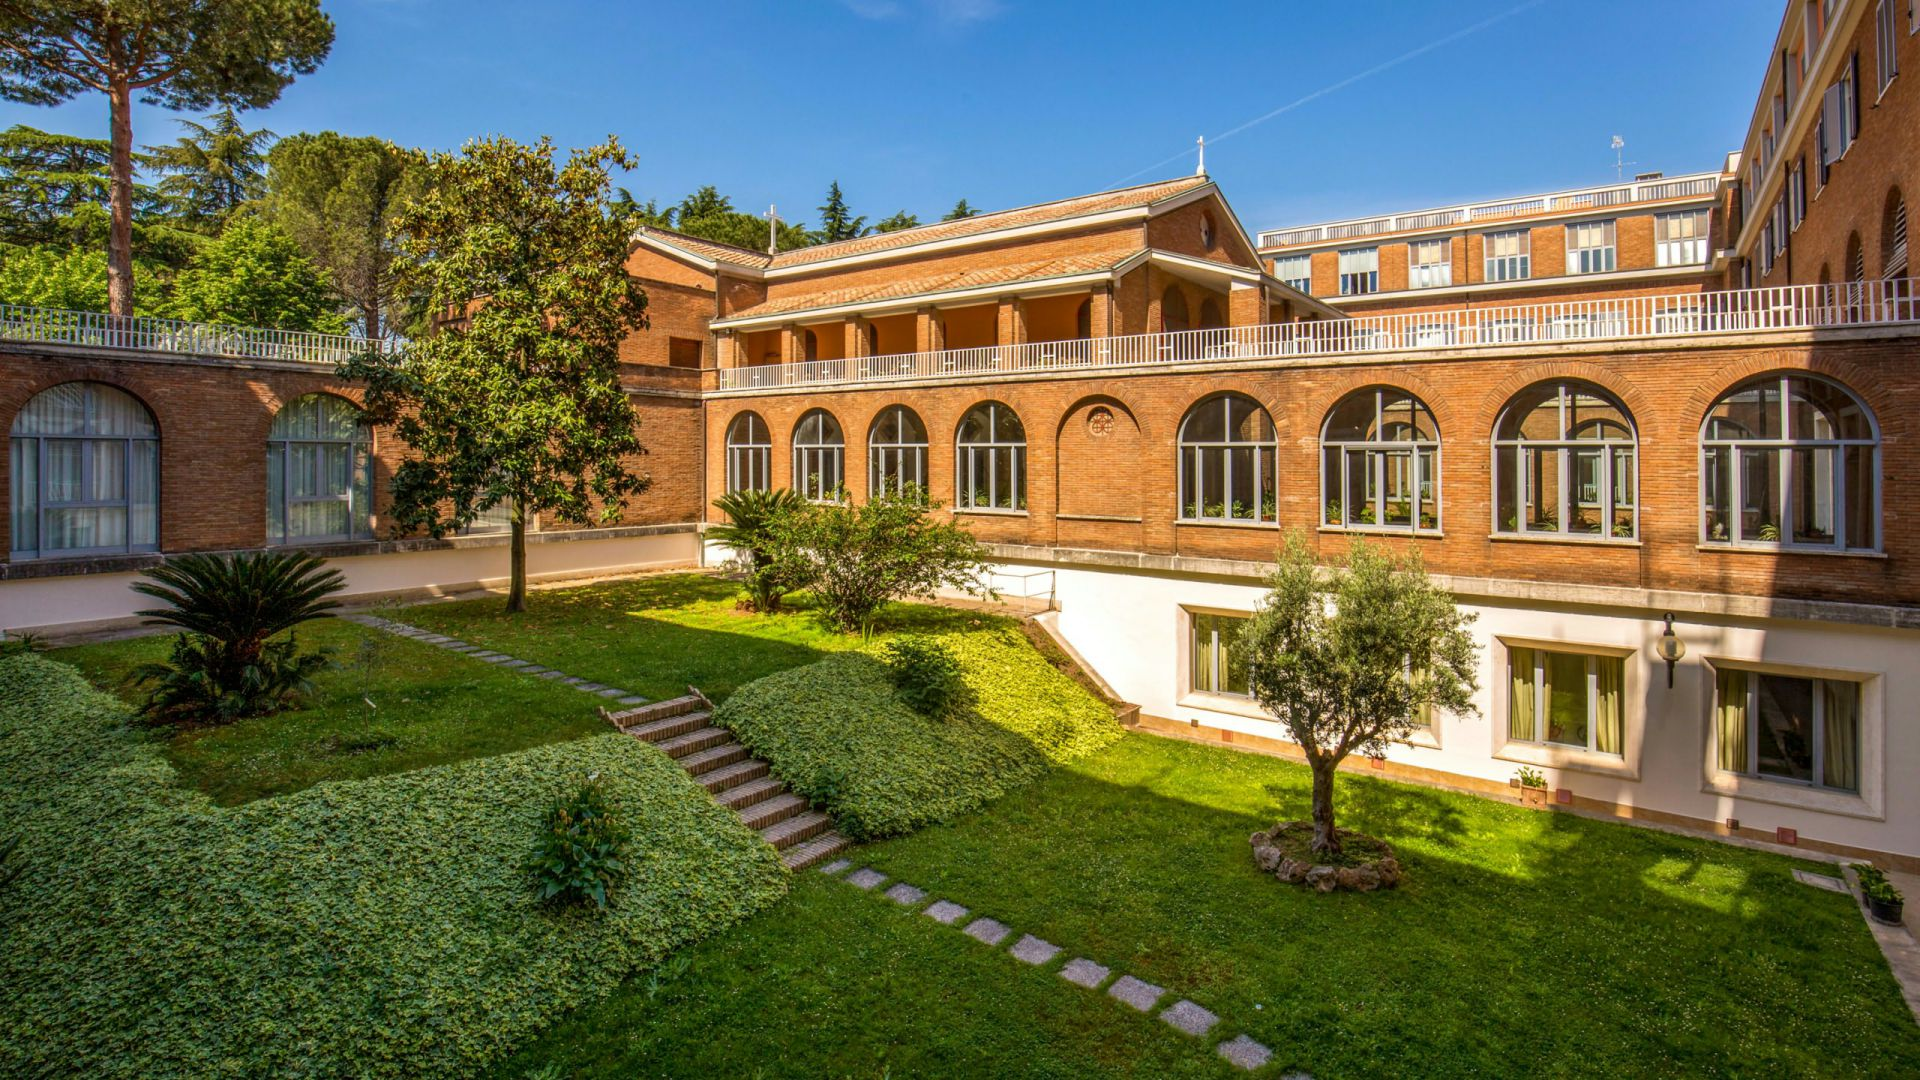 villa-aurelia-hotel-roma-esterno-02